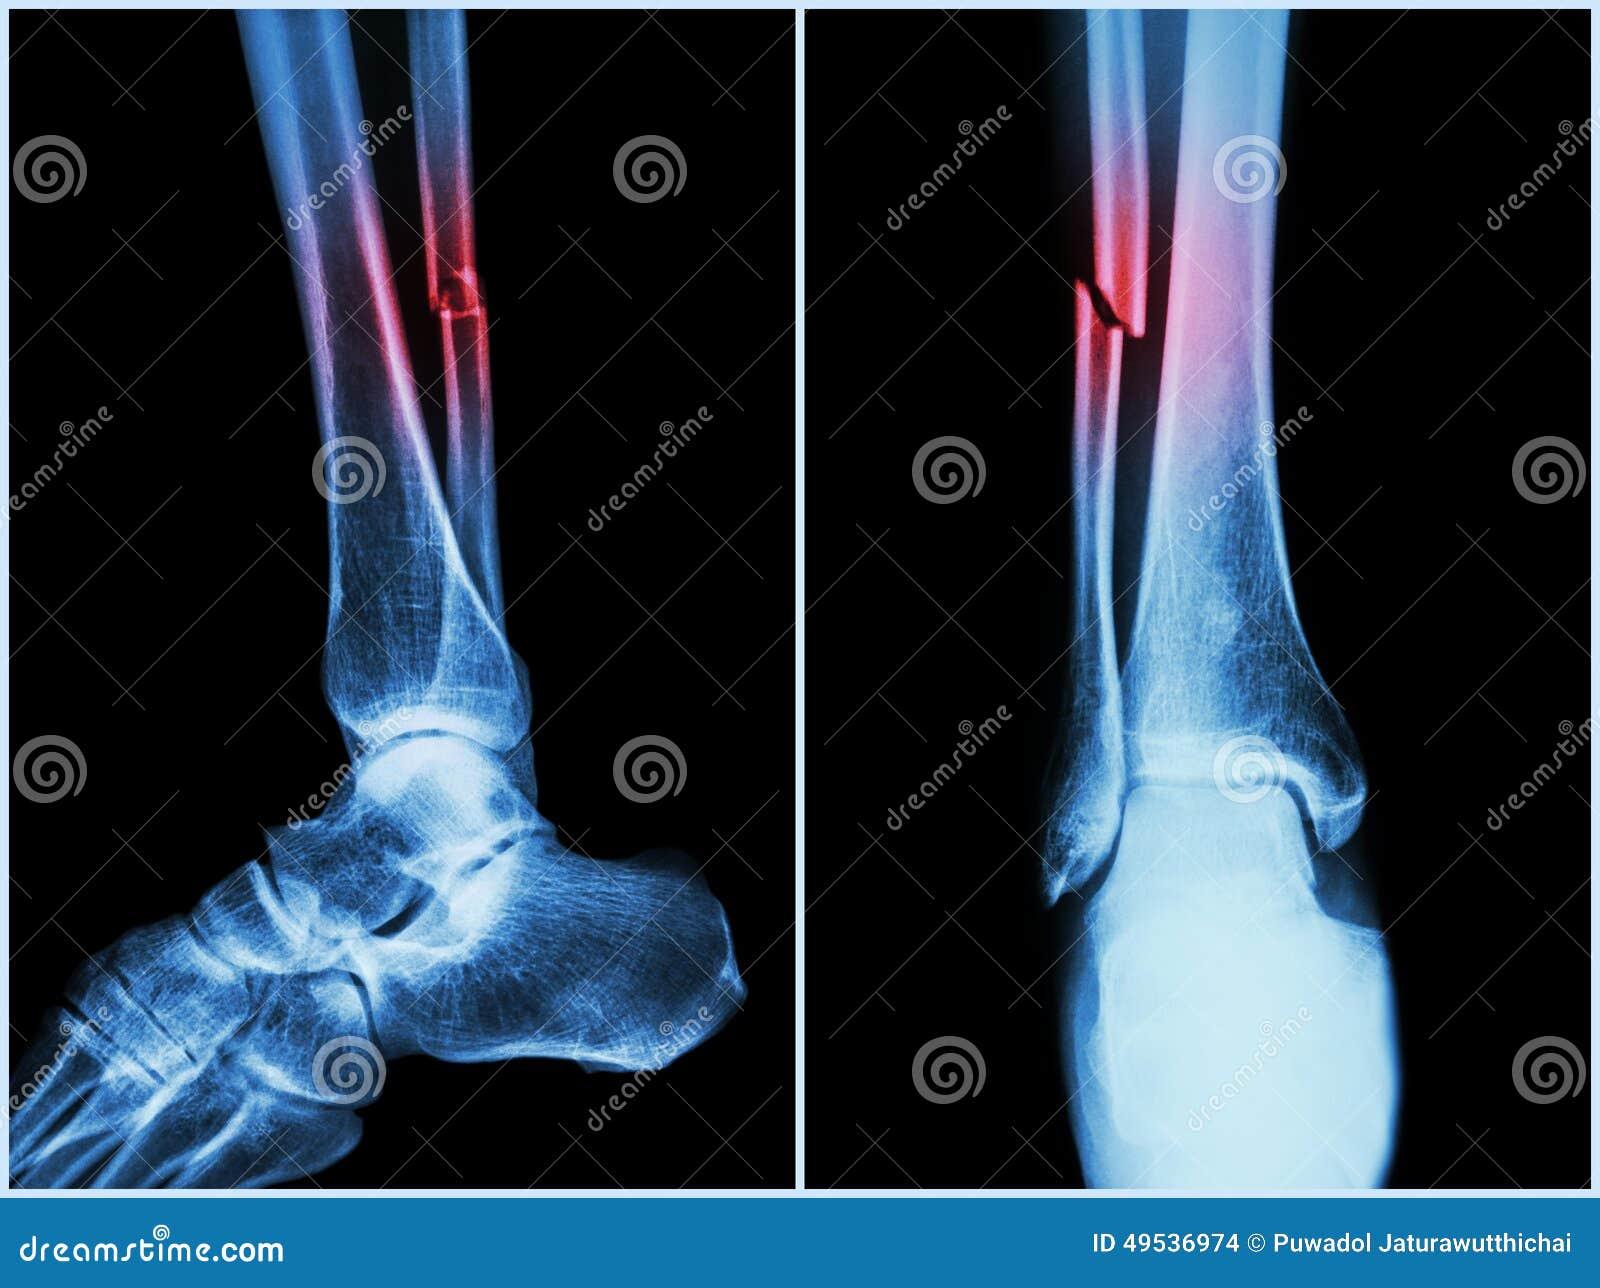 Scientific term for bone shaft